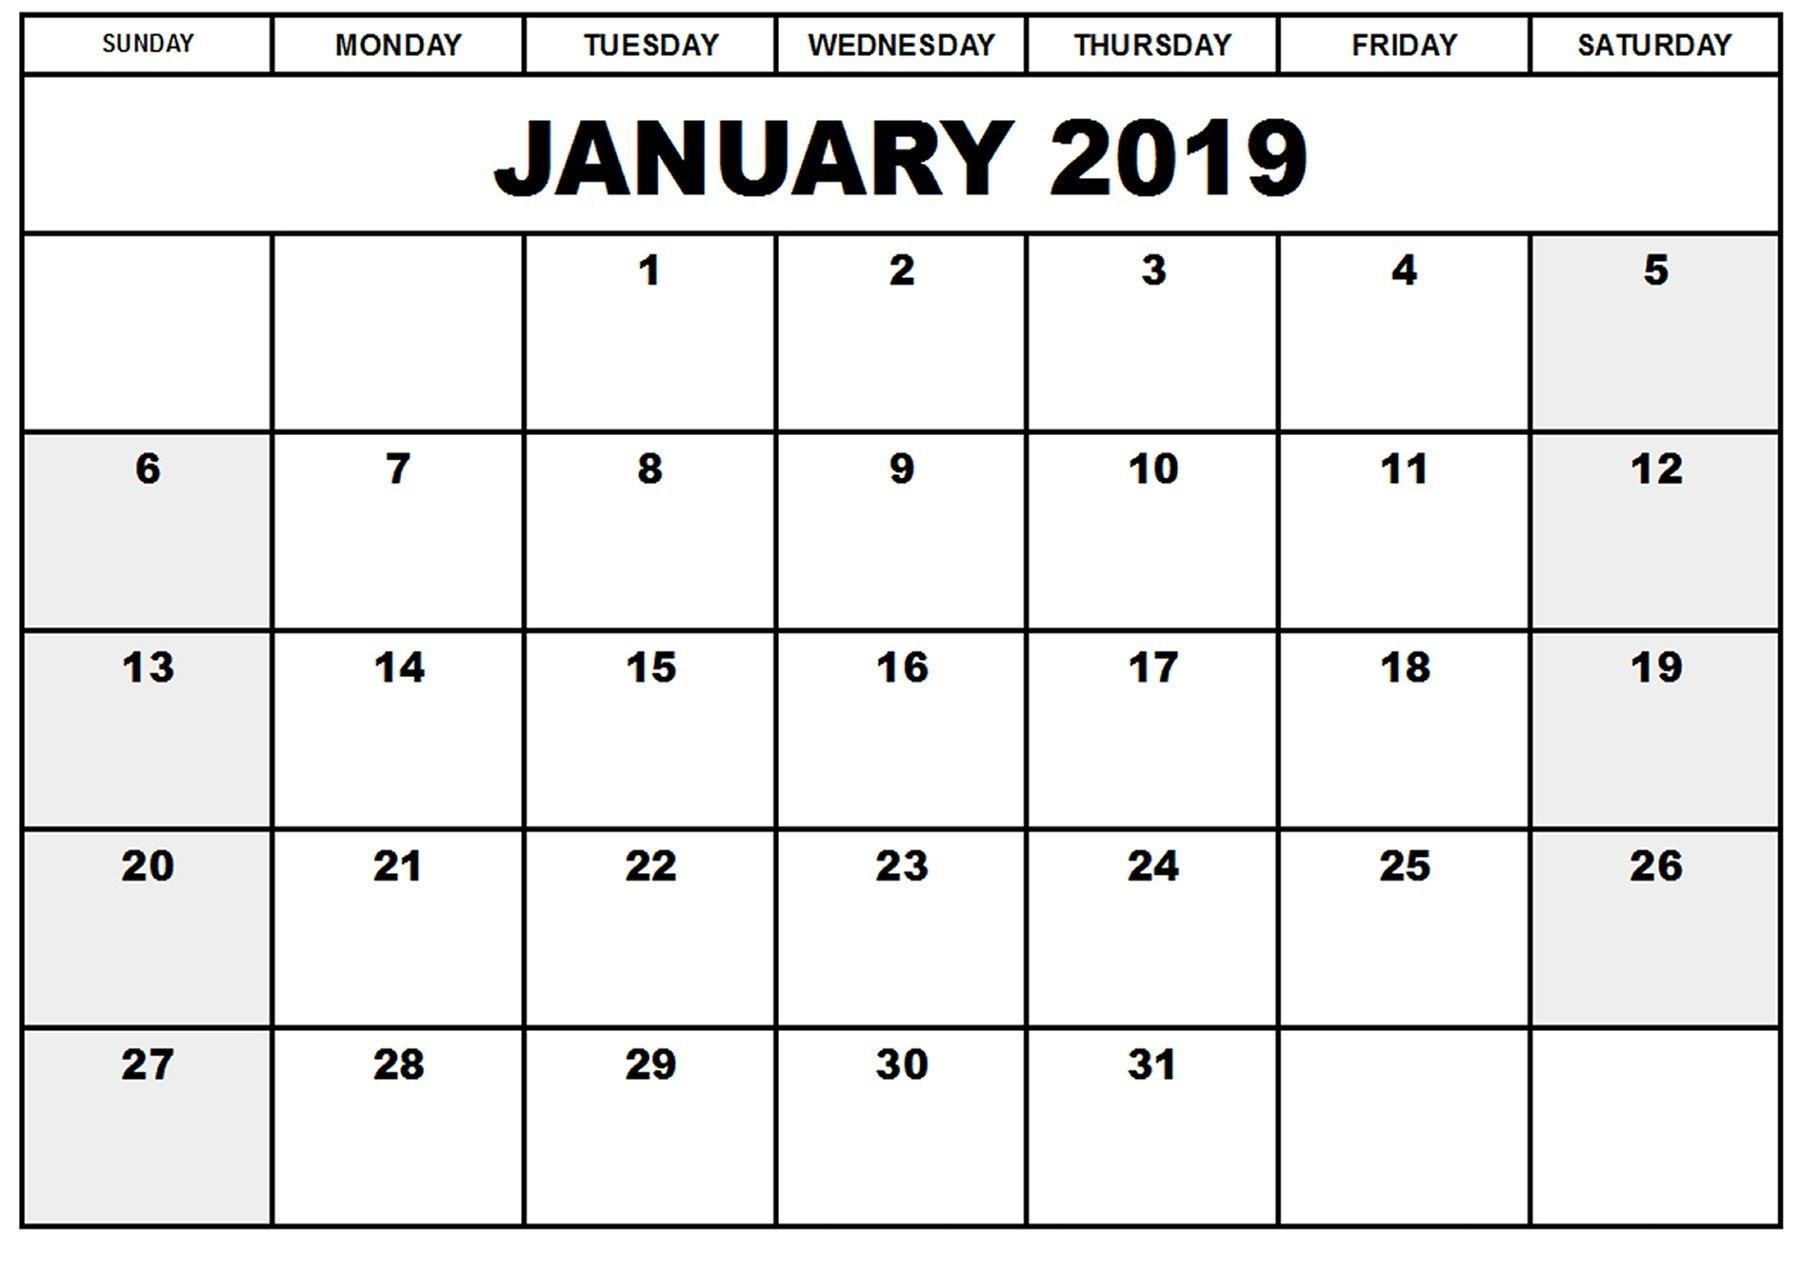 Printable Calendar 2019 Waterproof Paper | Printable Calendar 2019 Calendar 2019 Waterproof